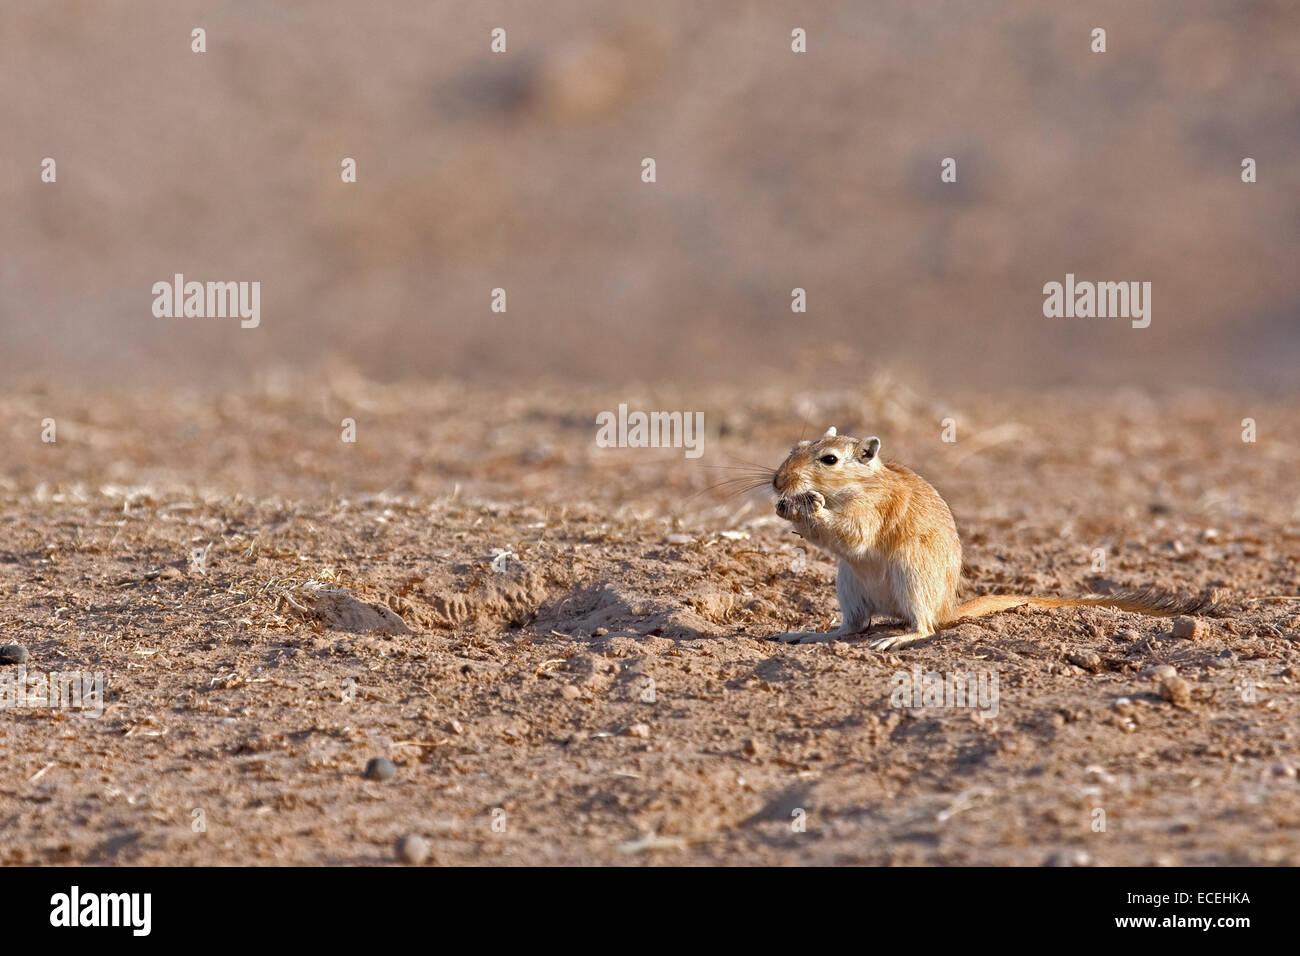 Große Rennmaus (Rhombomys Opimus) in der Karakum-Wüste im Iran Stockbild